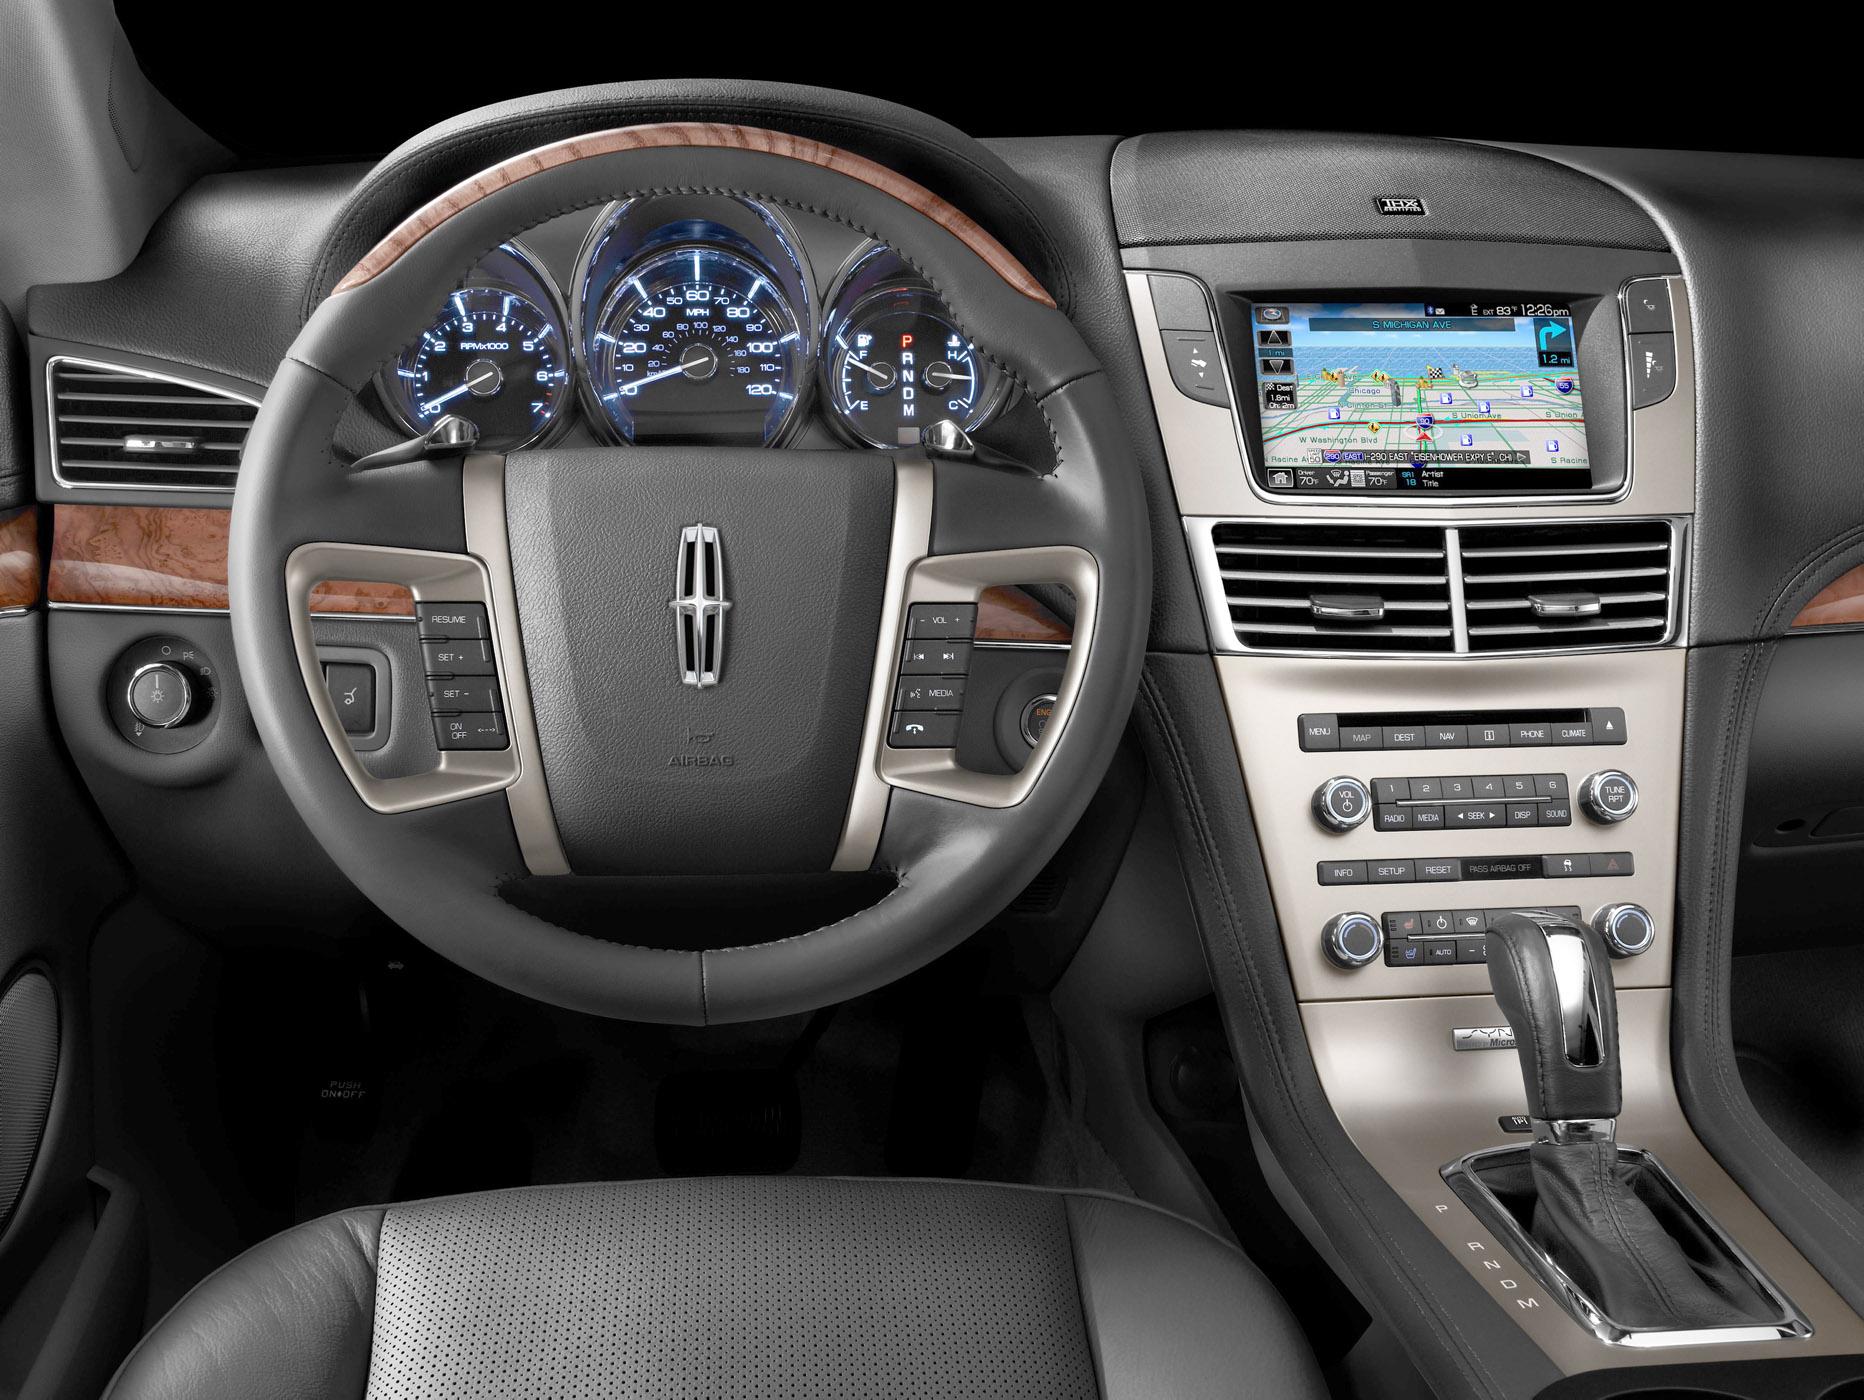 https://i1.wp.com/ourautoexpert.com/wp-content/uploads/2010/04/2055-Lincoln-MKT-interior.jpg